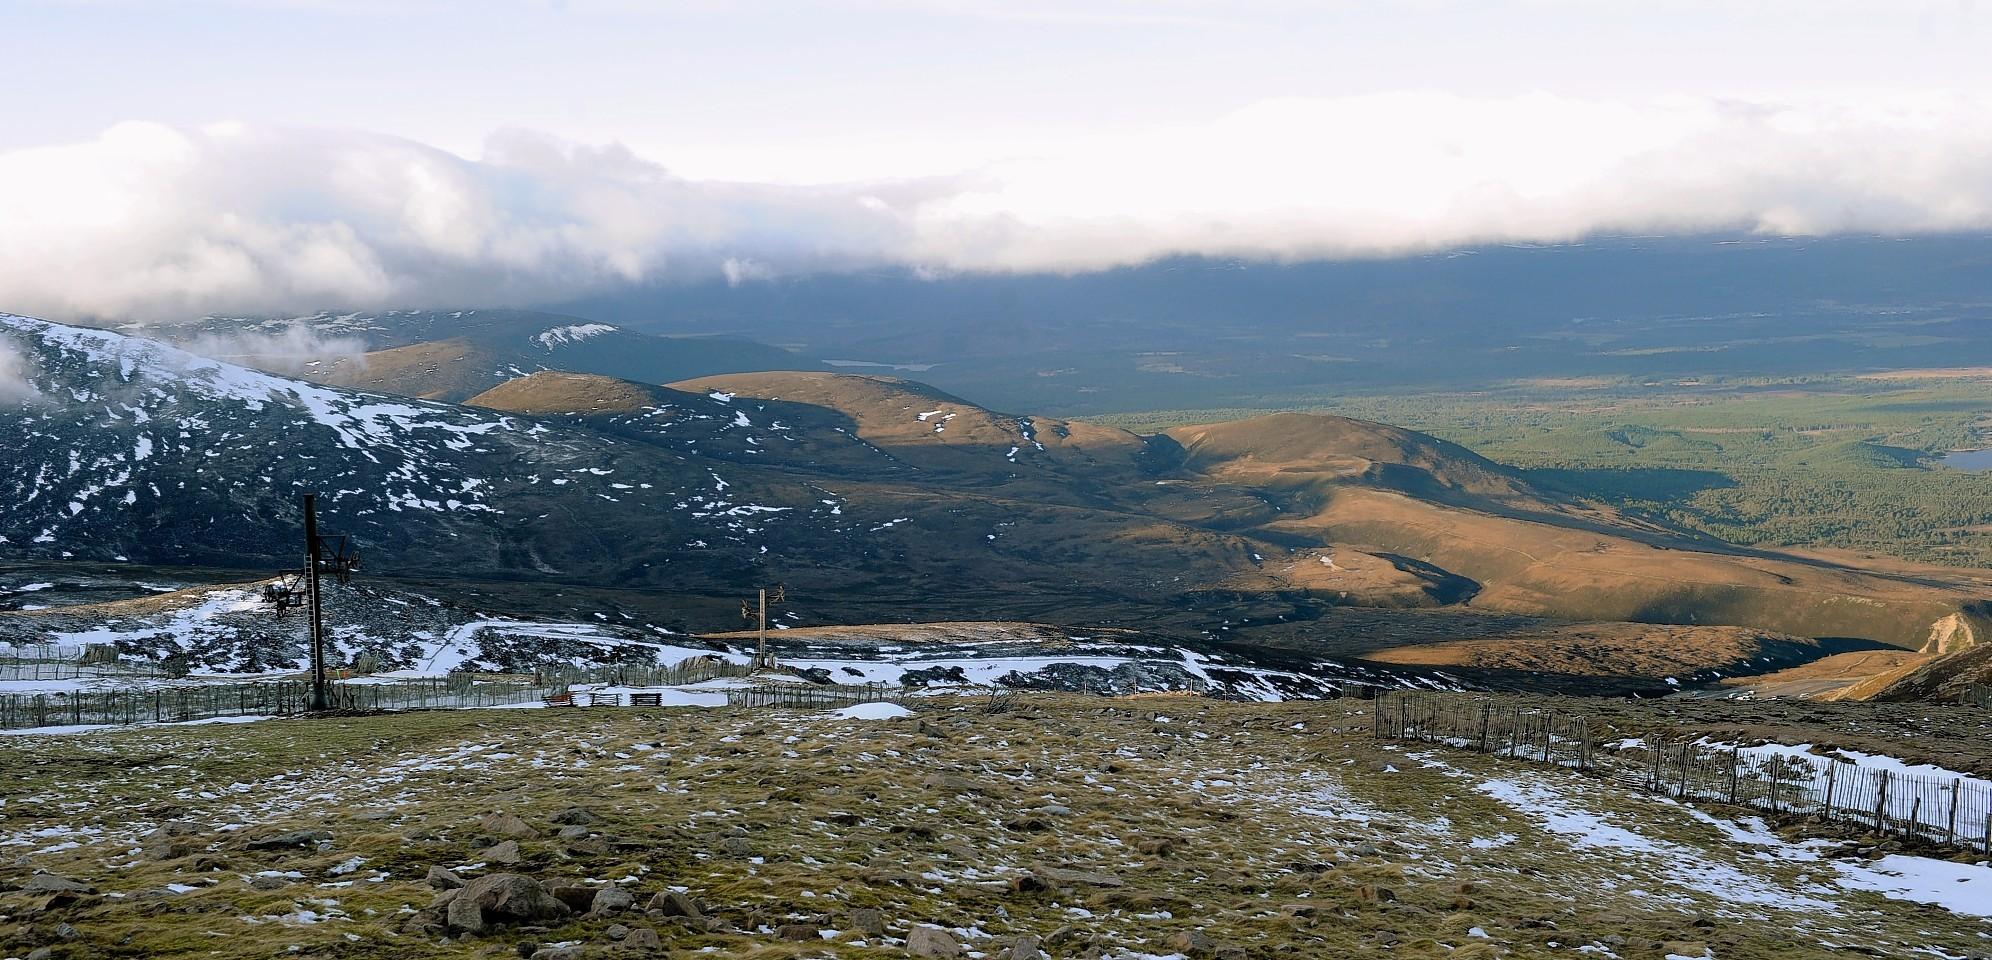 The site of the Allt Duine windfarm